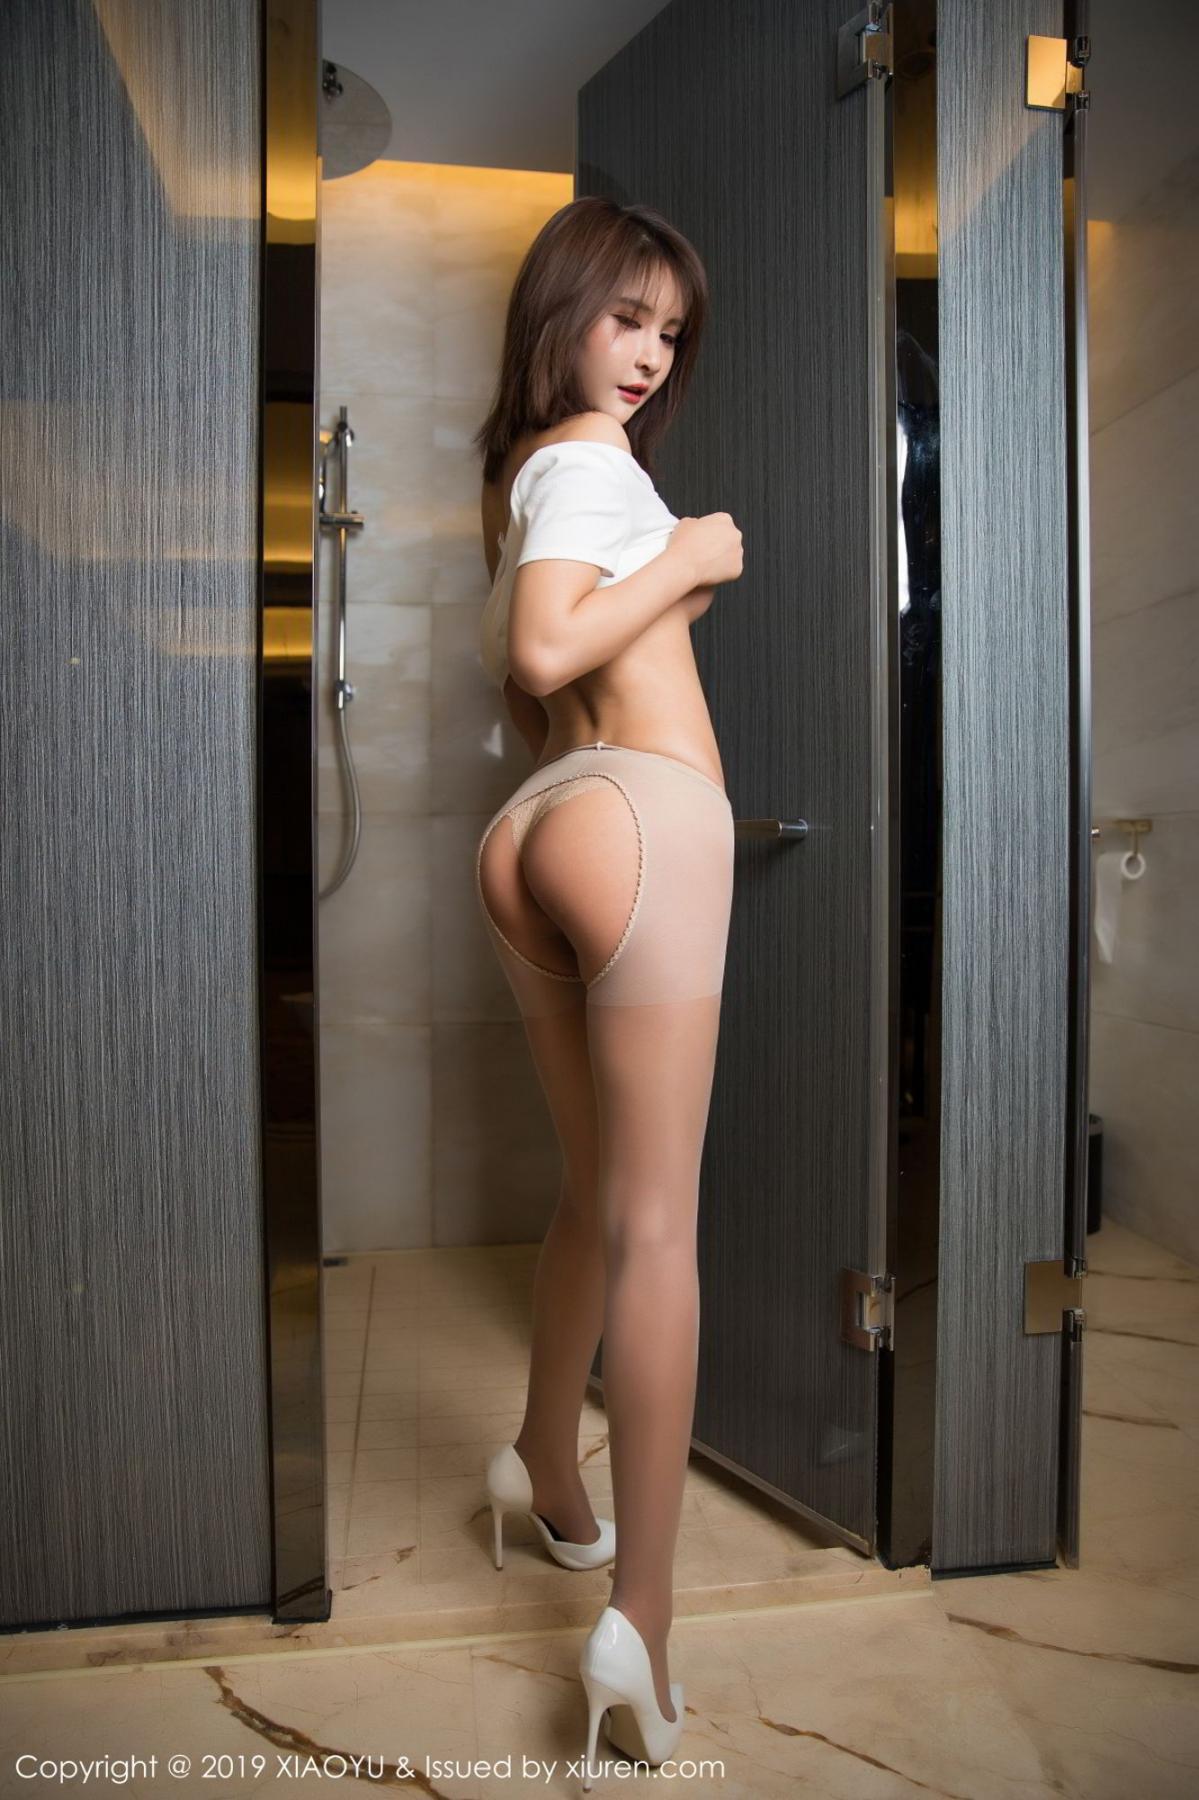 [XiaoYu] Vol.112 Solo Yi Fei 52P, Solo Yi Fei, Underwear, XiaoYu